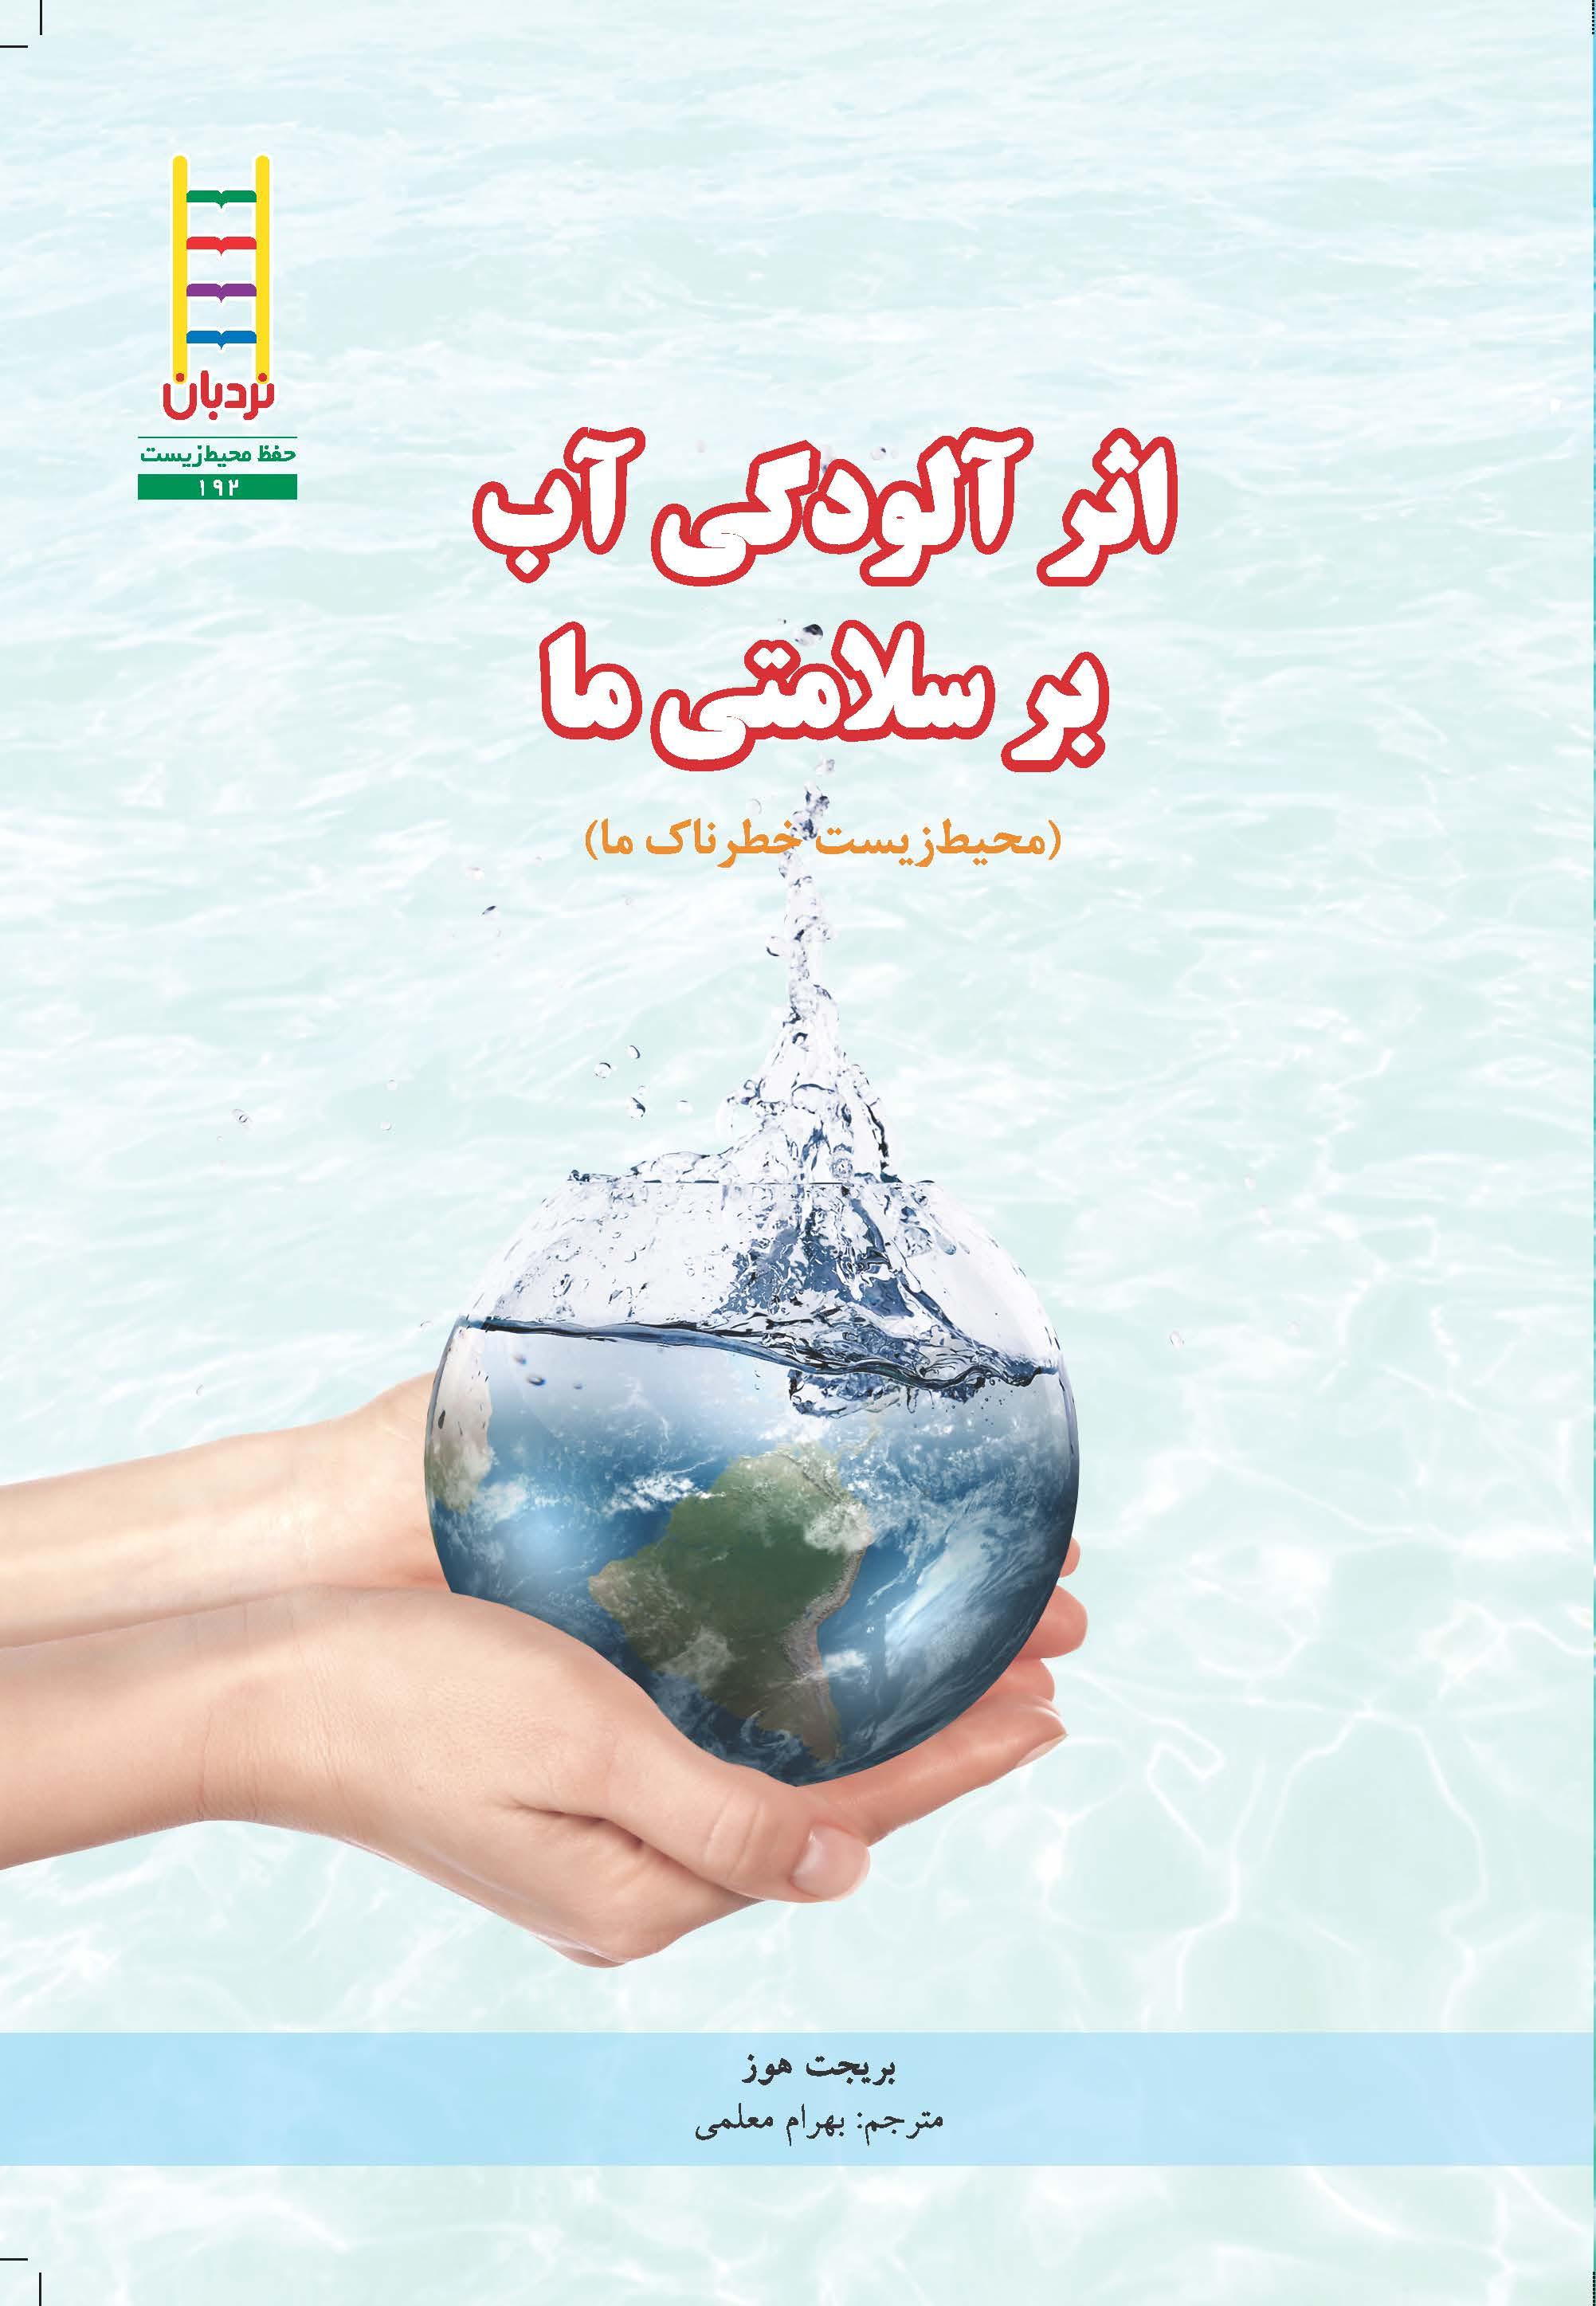 اثر آلودگی آب بر سلامتی ما (محیطزیست خطرناک ما)...